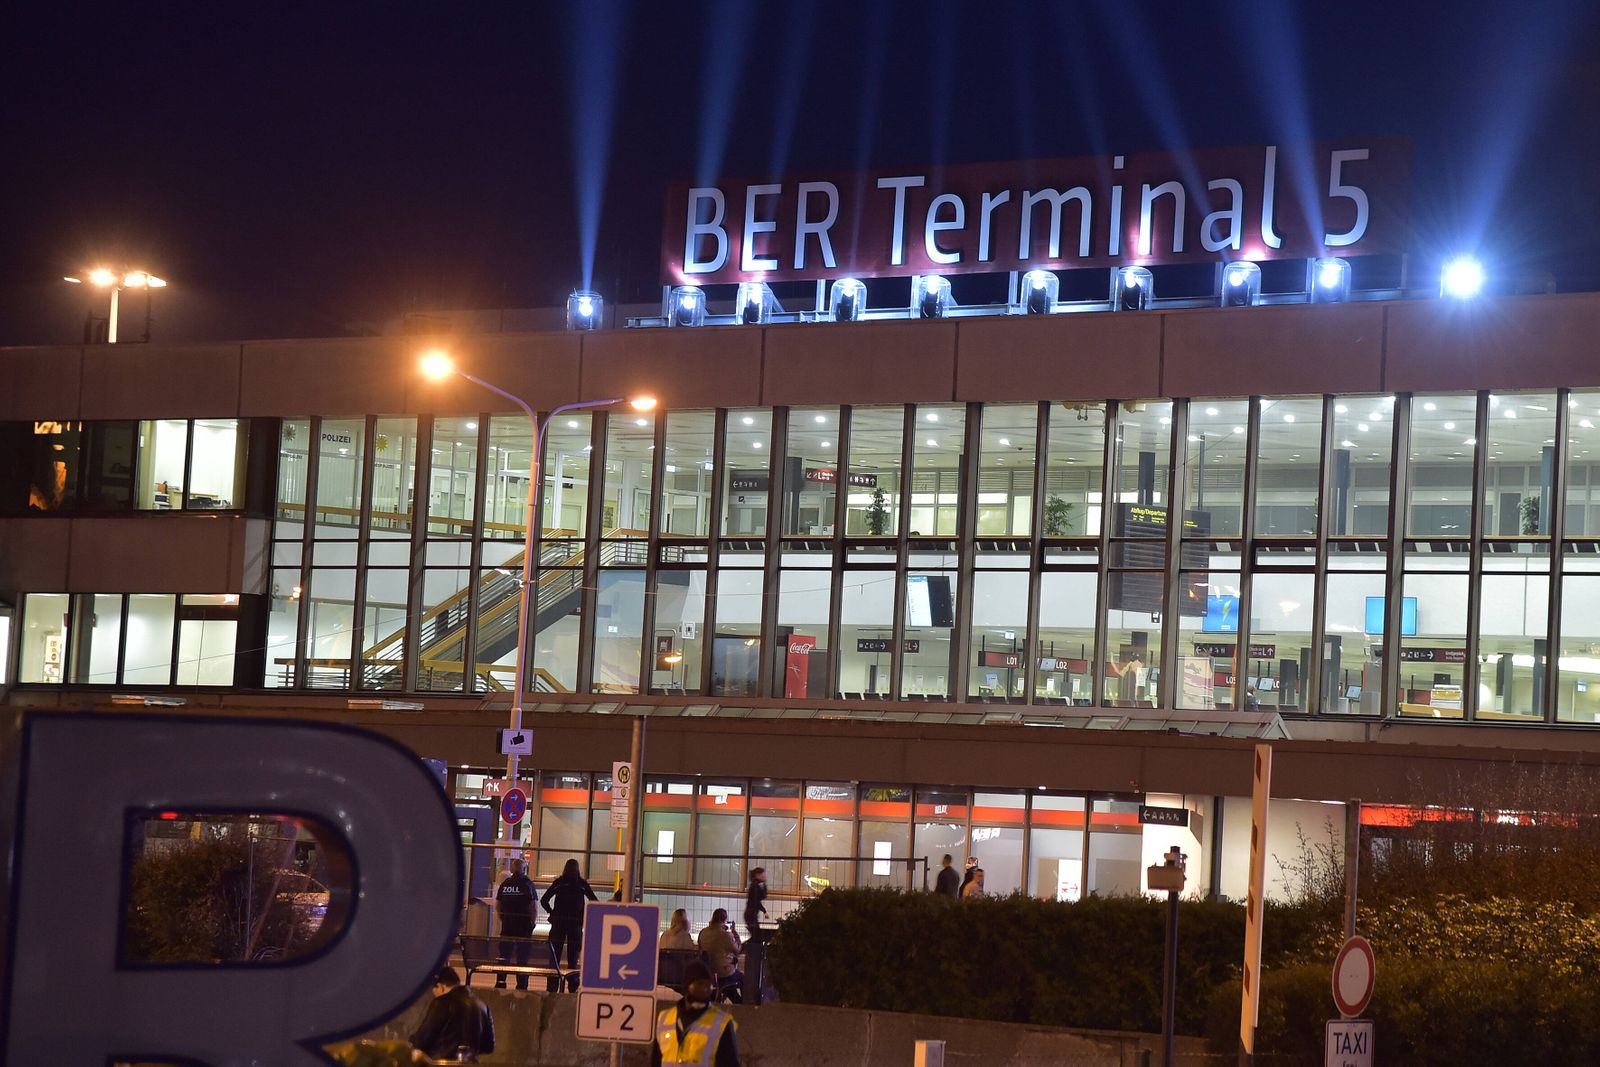 Aus SXF wird BER Lichtspiele zur feierlichen Eröffnung zur Umbenennung des Terminals Begrüssung und Übergabe der bisher